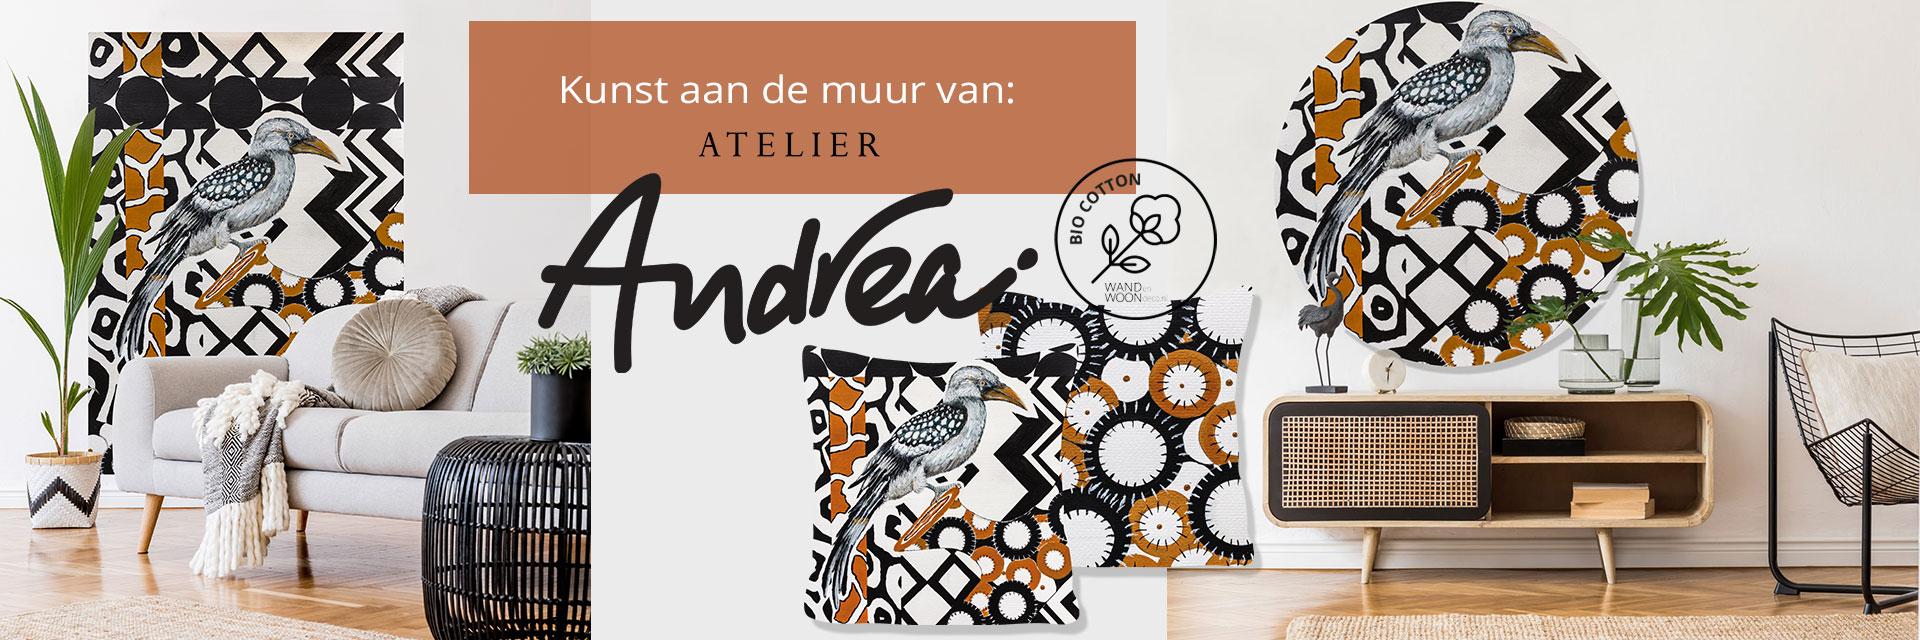 WANDenWOONdeco.nl Atelier Andrea